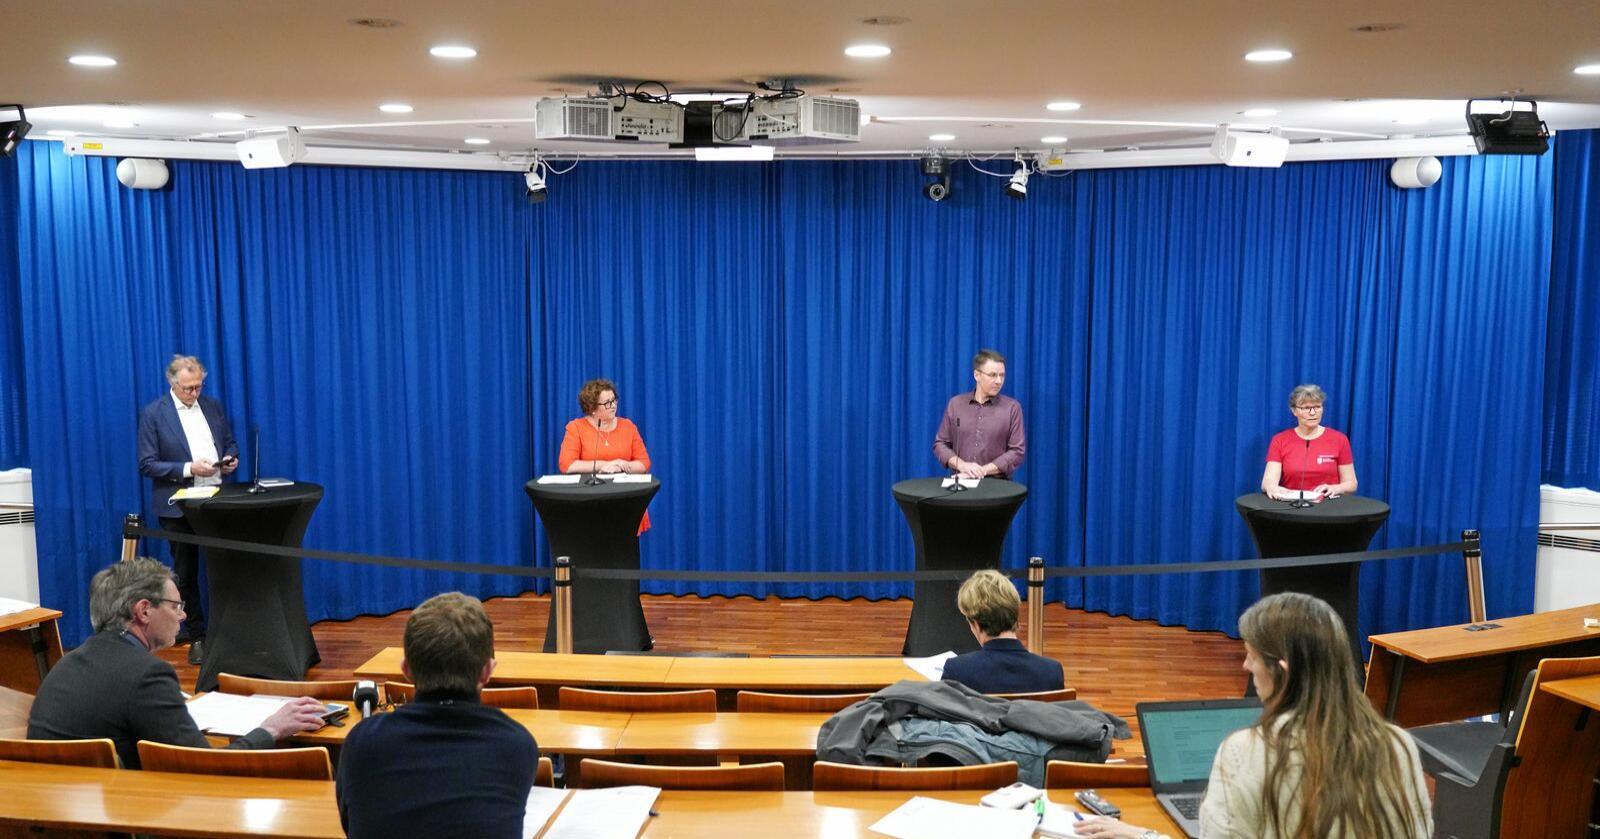 Fjorårets forhandlinger ble ikke som vanlig på grunn av koronapandemien. Foto: Ole Berg-Rusten / NTB scanpix